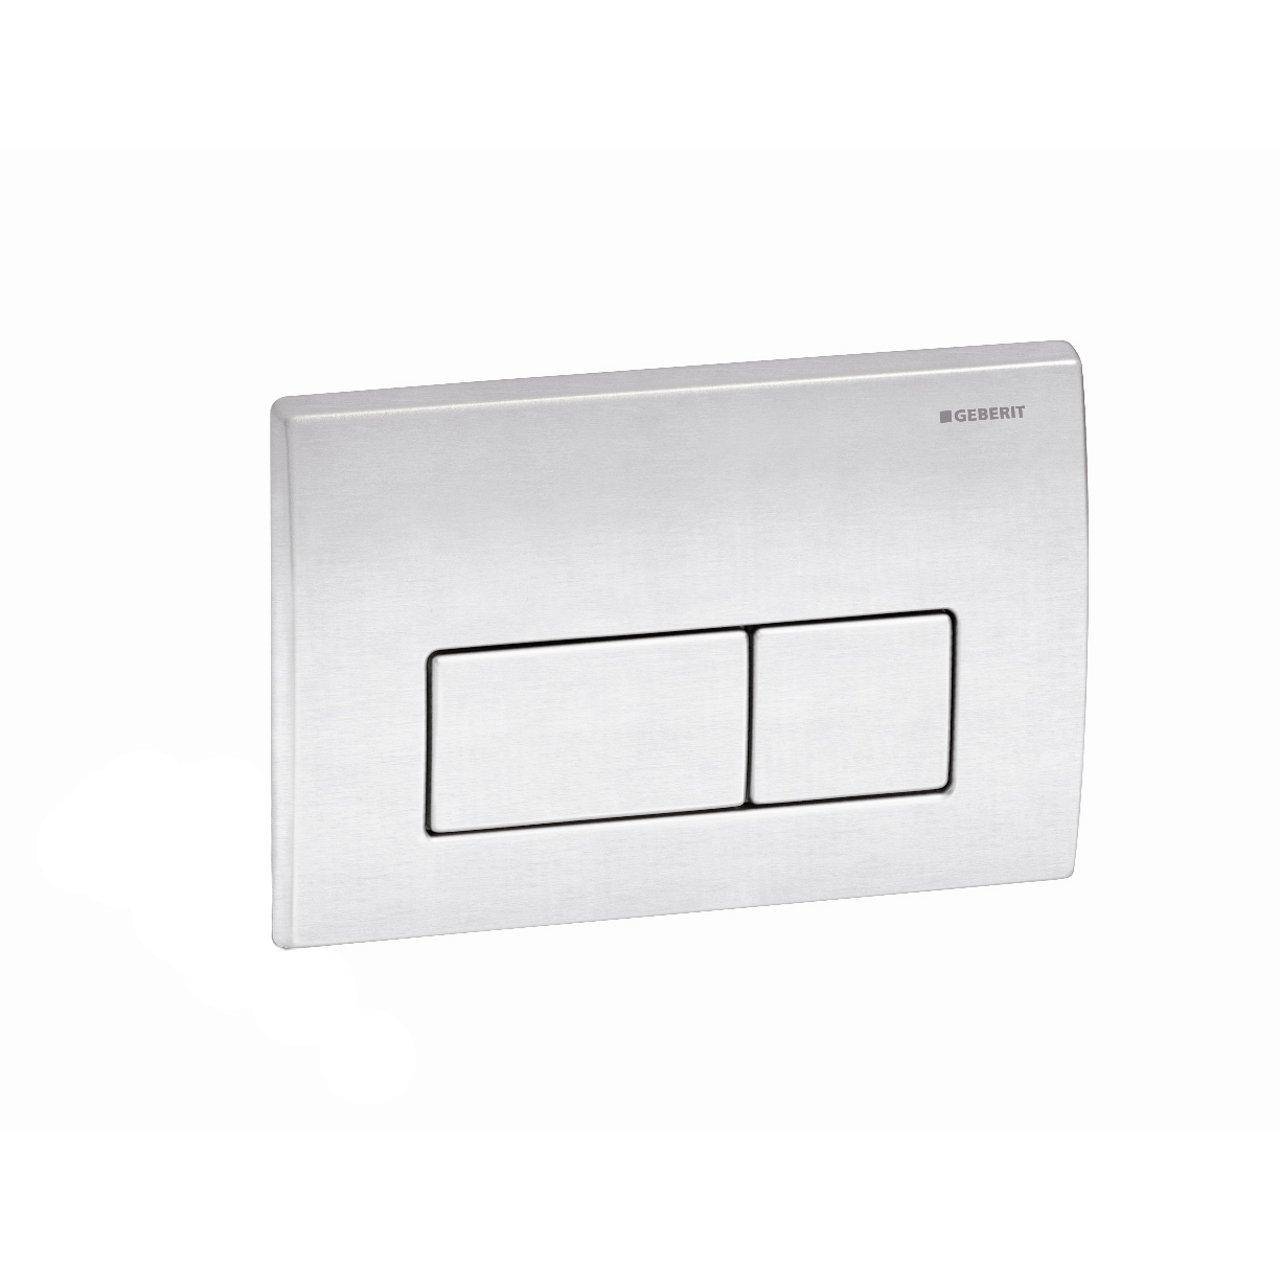 Geberit 115.258.00.1 Kappa50 Dual-Flush Actuator, Brushed Stainless Seel